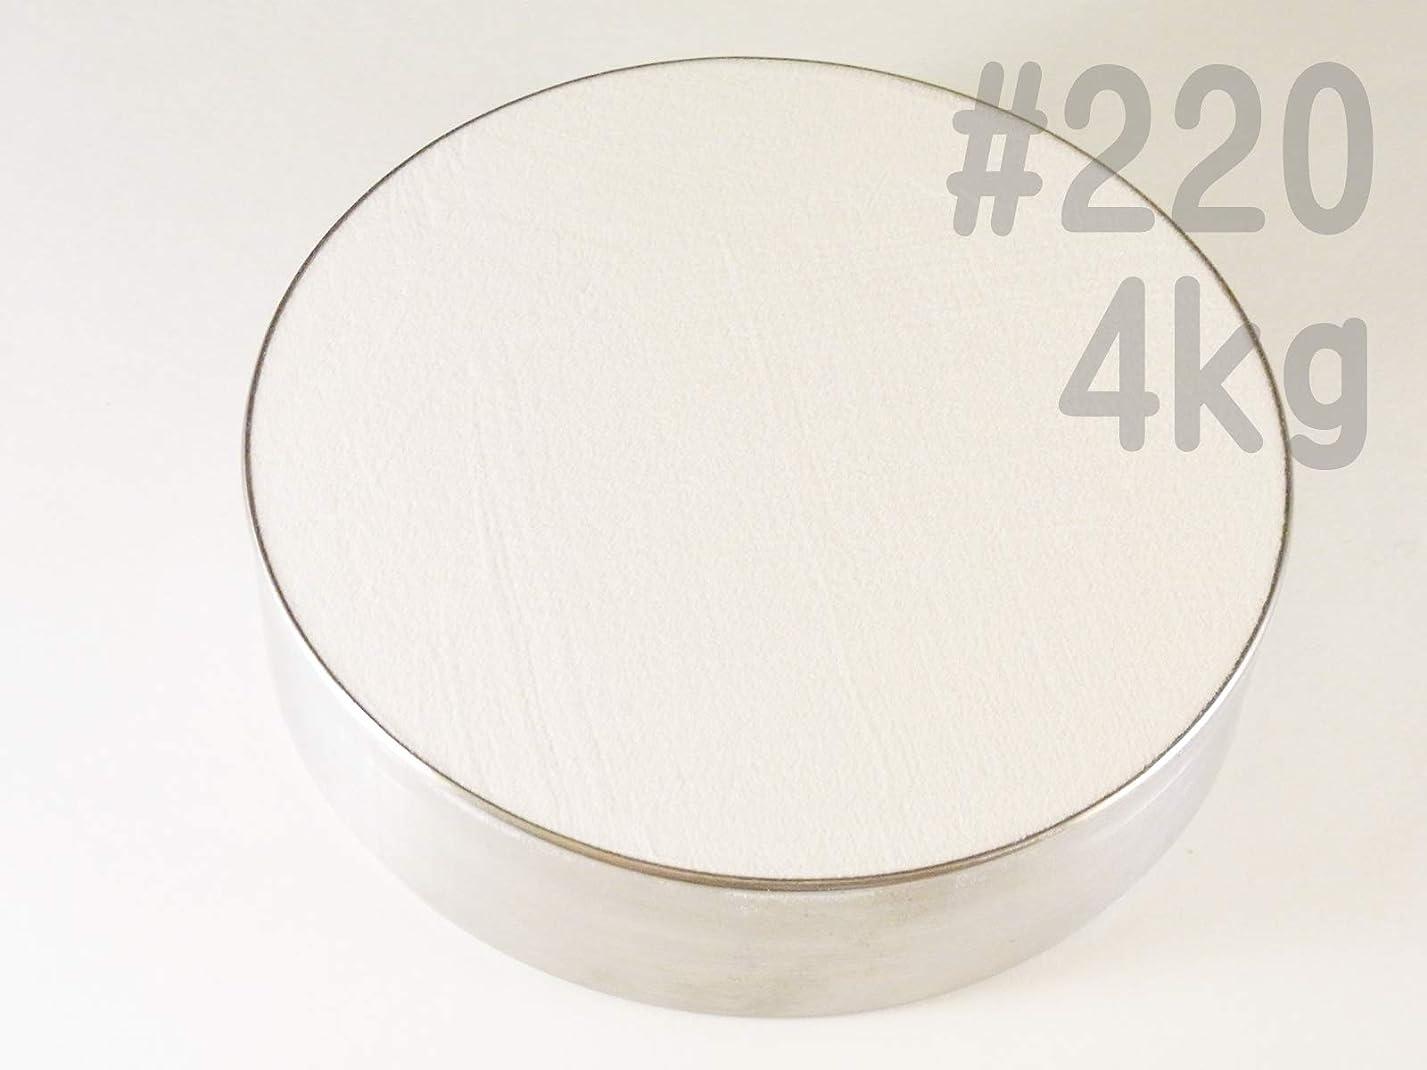 ゴルフ窒息させる強い#220 (4kg) ホワイトアルミナサンド/ホワイトアルミナメディア/砂/WA サンドブラスト用(番手サイズは4種類から #100#120#180#220 )#220-wa4kg